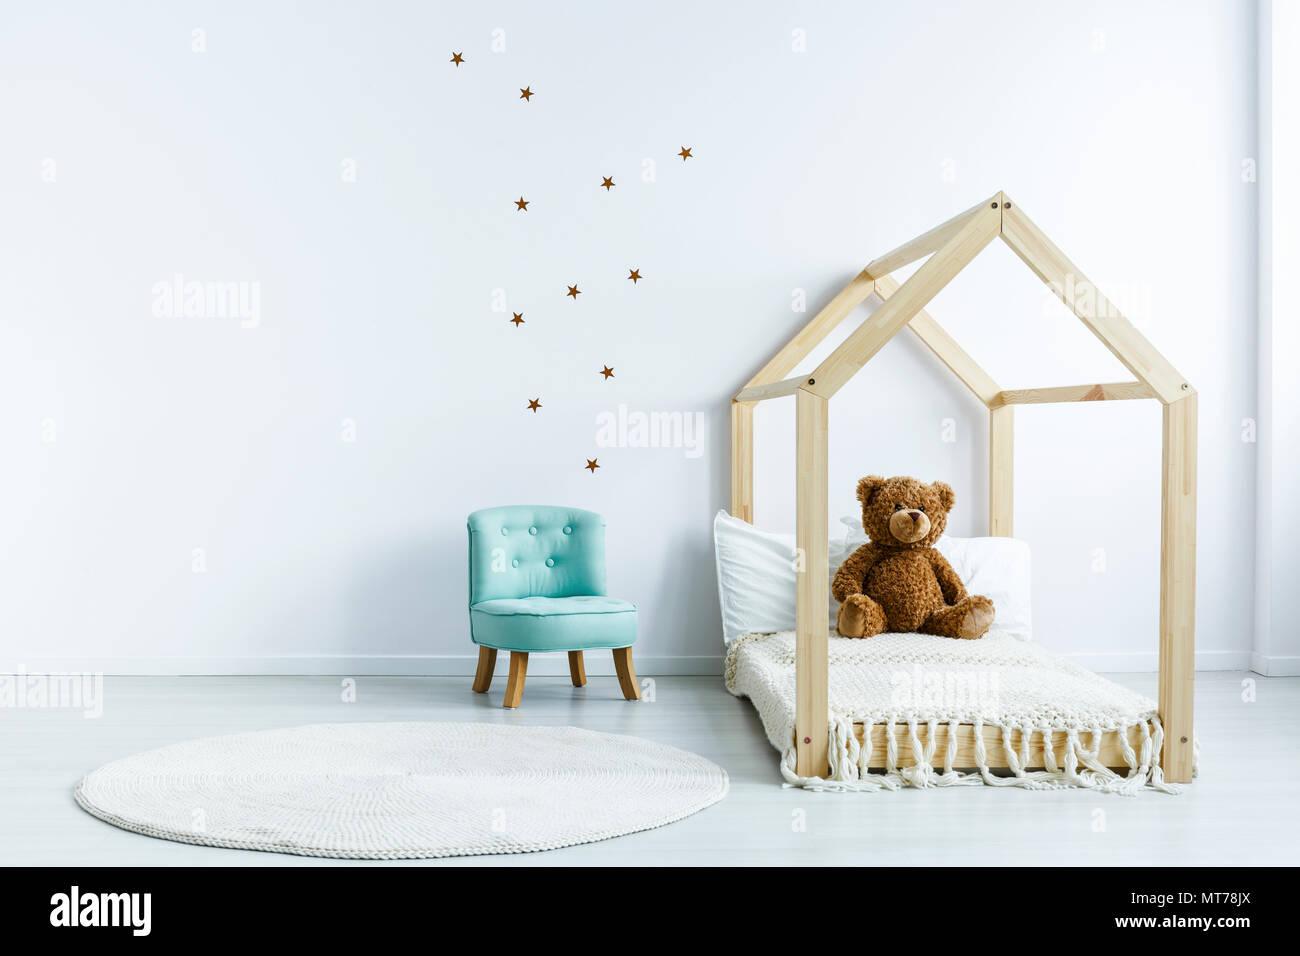 einfache kinderzimmer einrichtung mit diy-bett mit einem teddybär